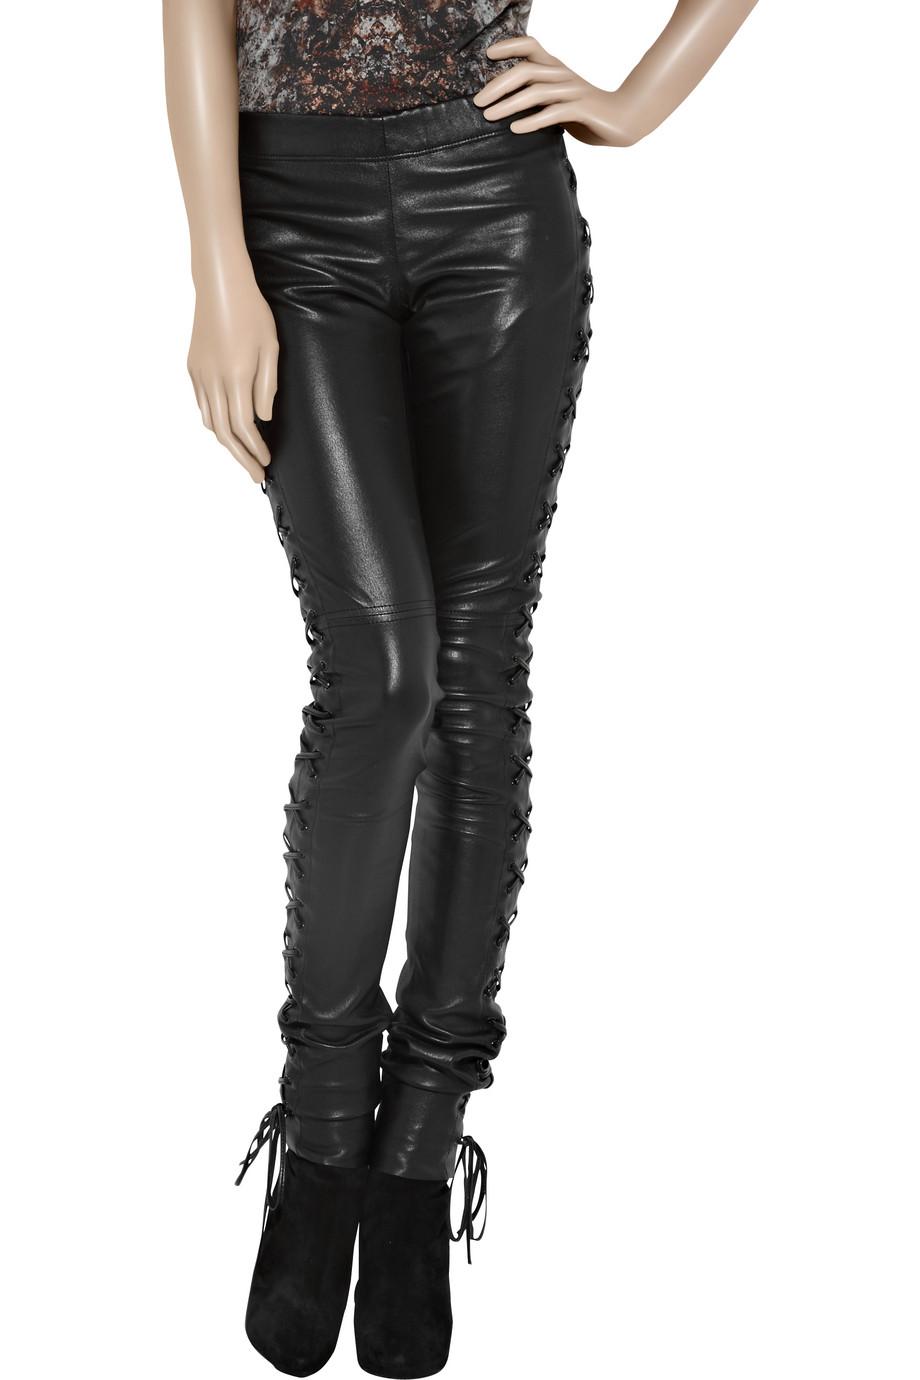 Acne Jeans Women